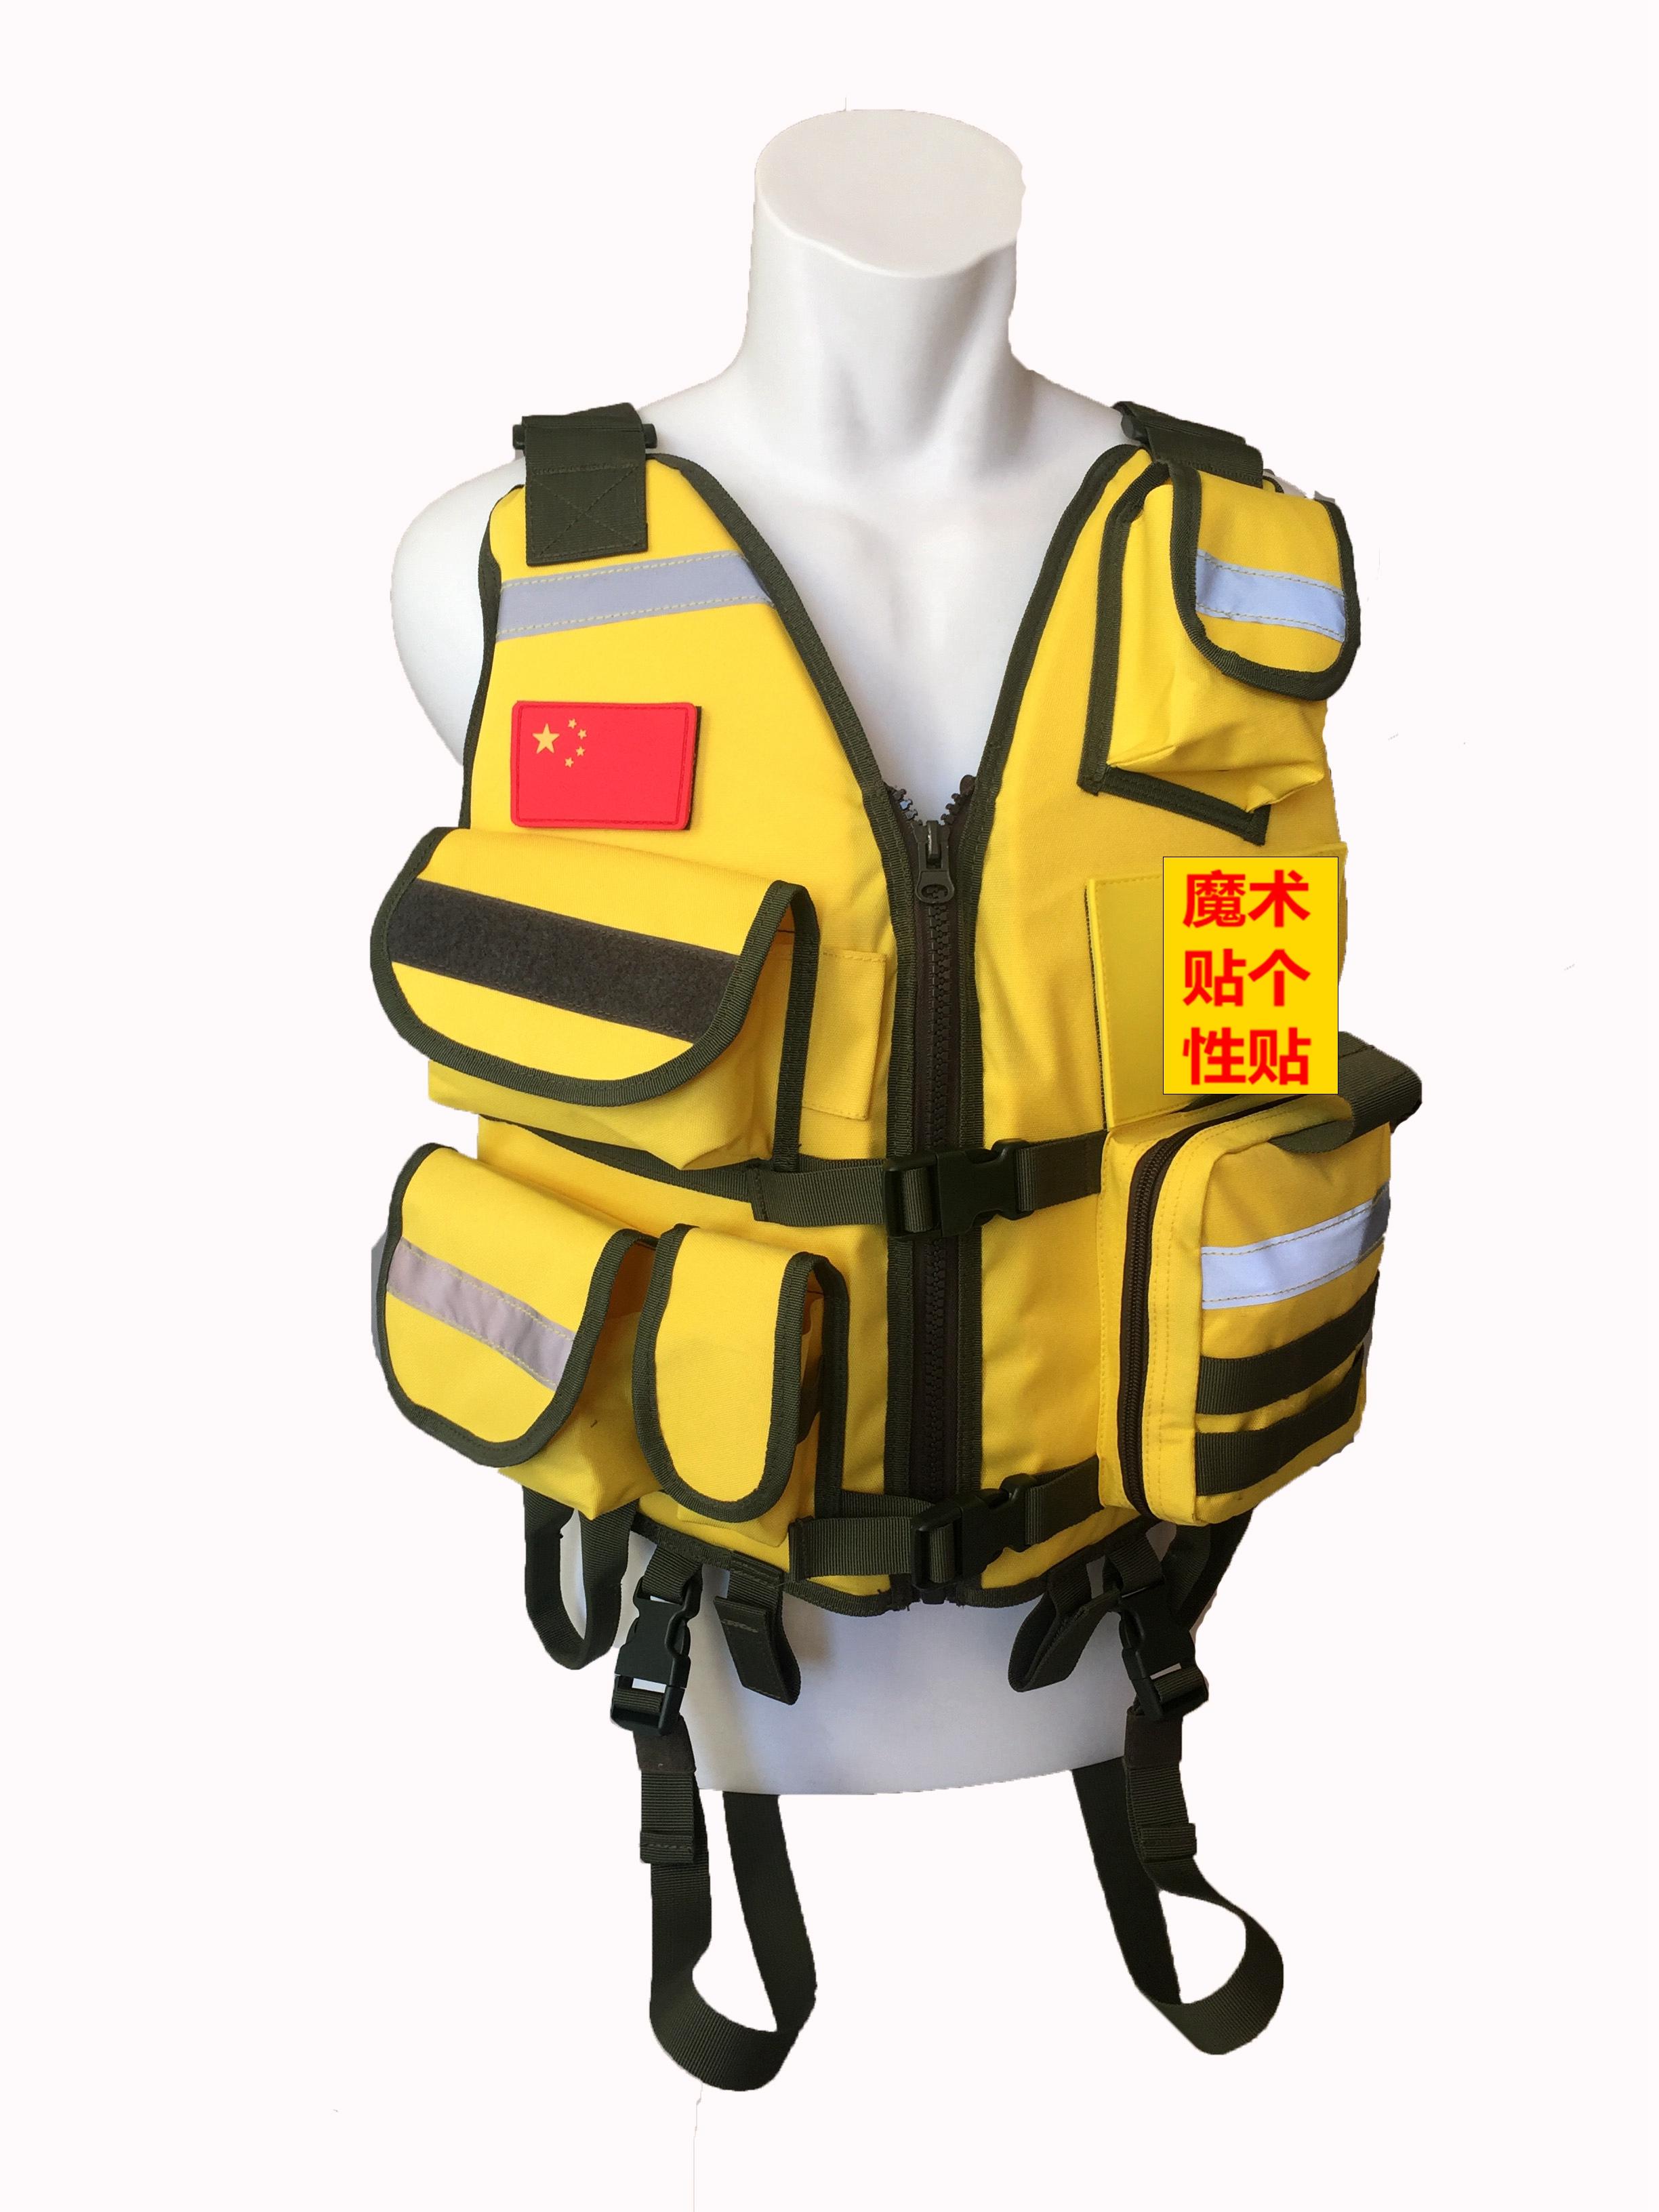 漂浮背心救援专用背心救生衣